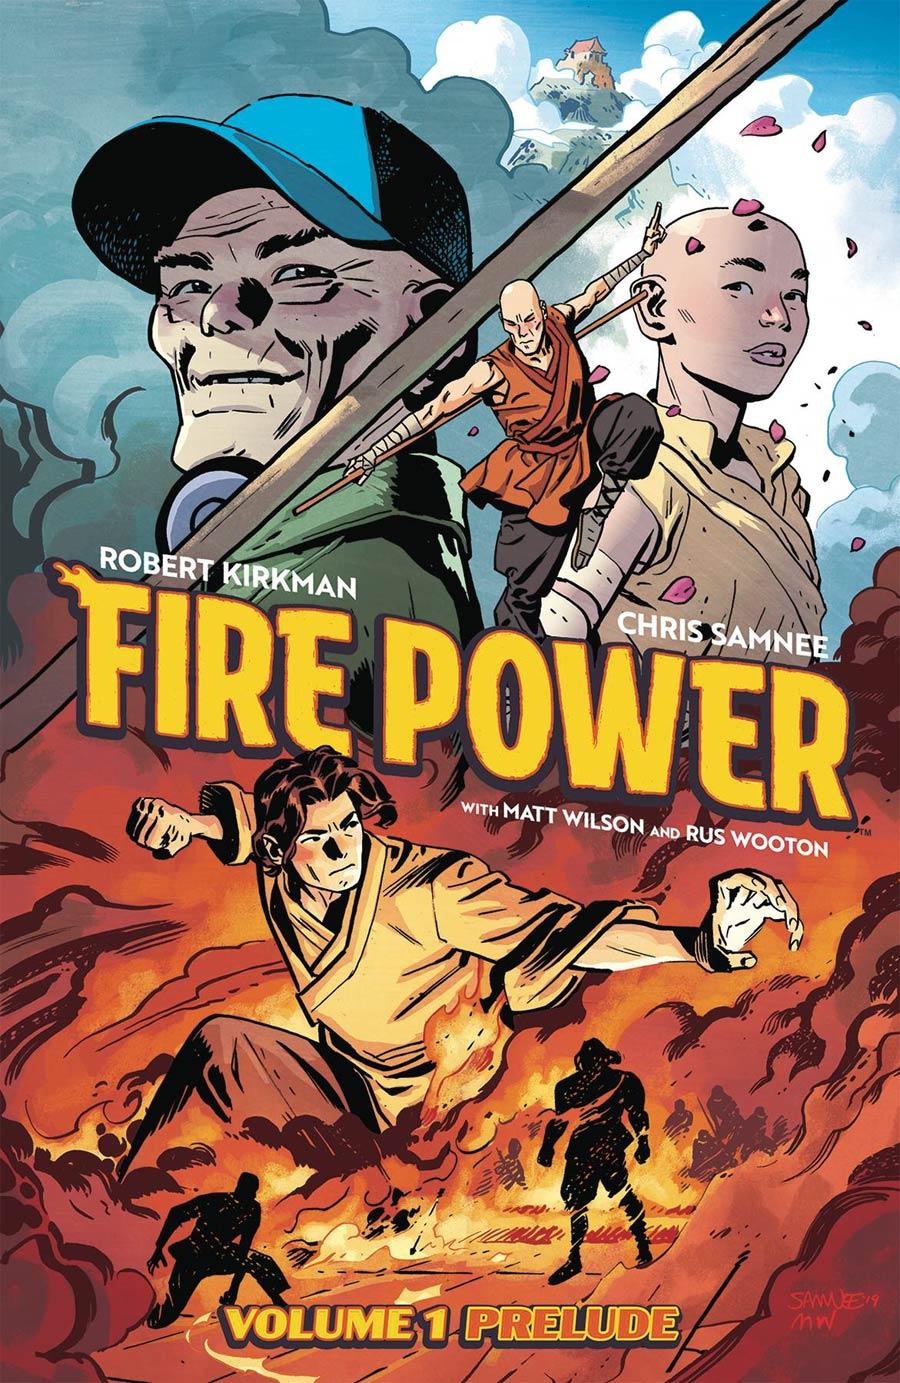 Fire Power By Kirkman & Samnee Vol 1 Prelude TP